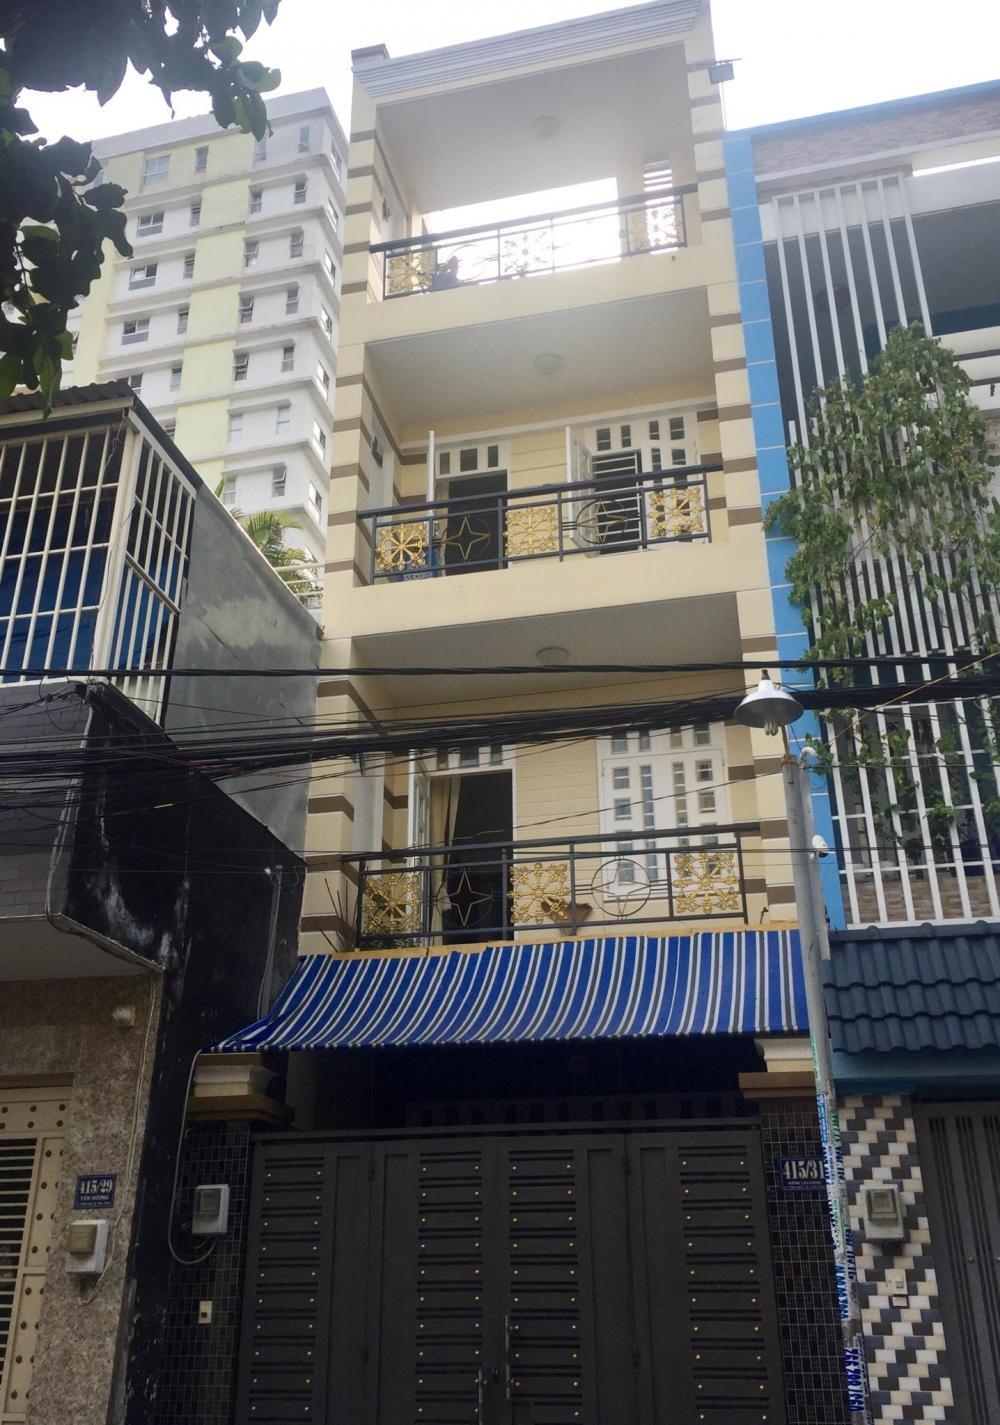 Bán nhà Mặt Tiền đường Nguyễn Ngọc Nhựt 1 trệt 2 lầu và sân thượng 01